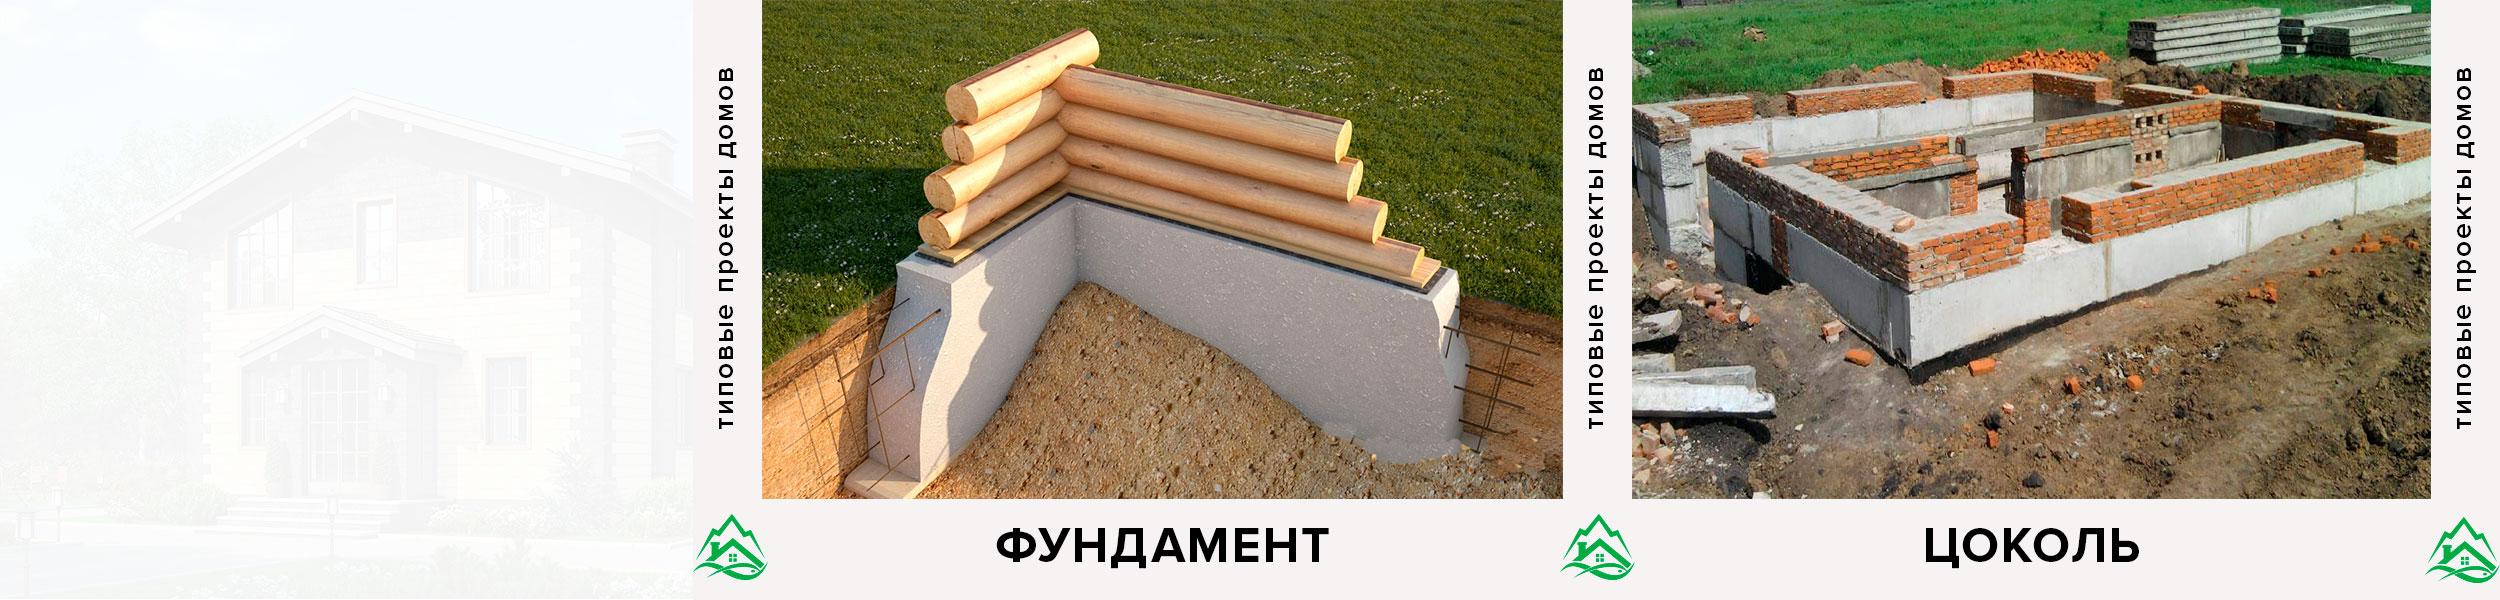 Фундамент и цоколь